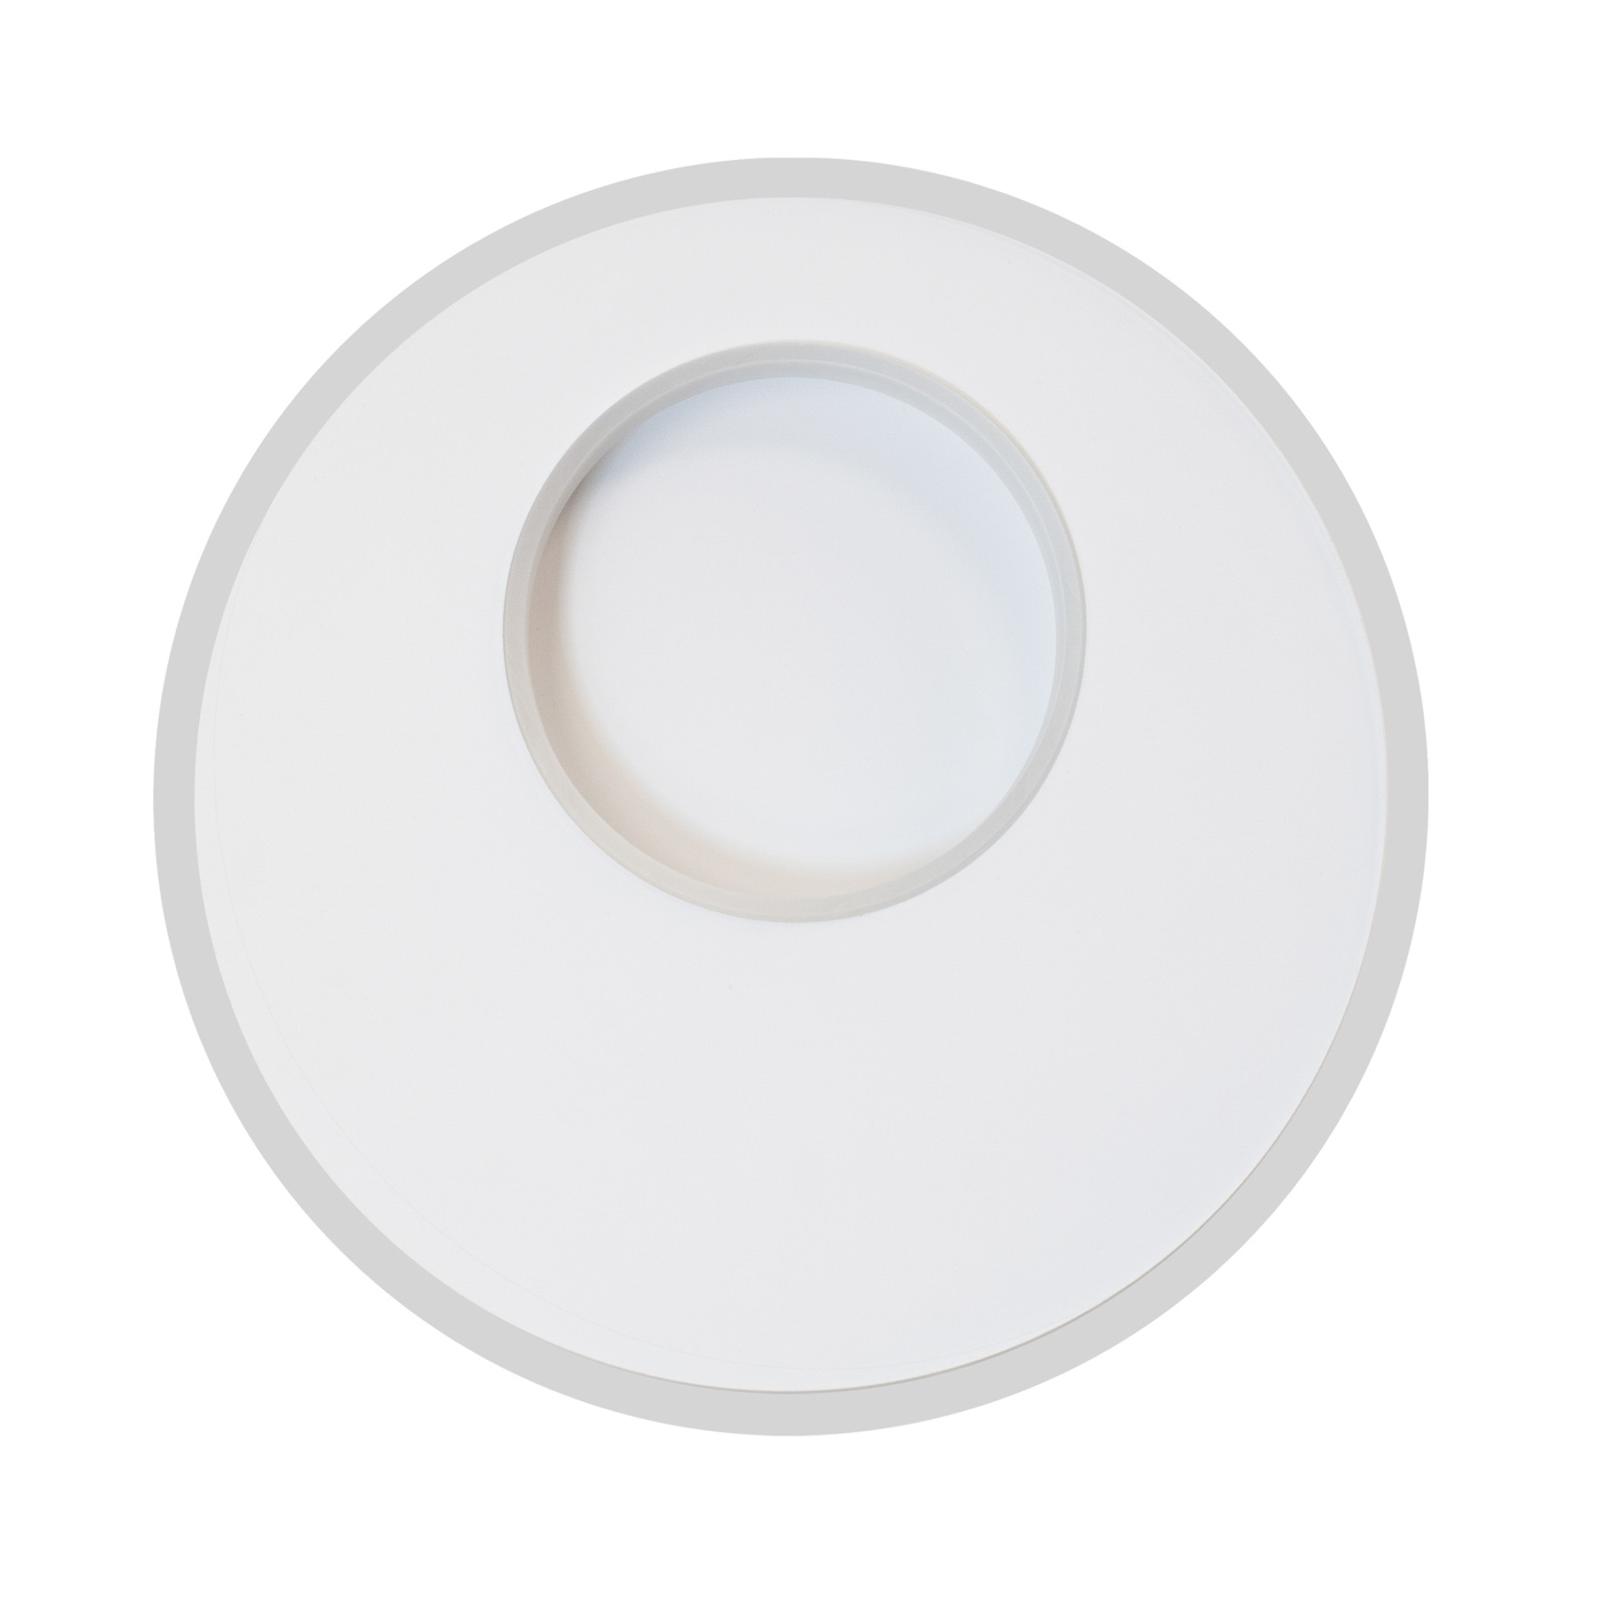 LED wandlamp Krater wit Tunable White dimbaar